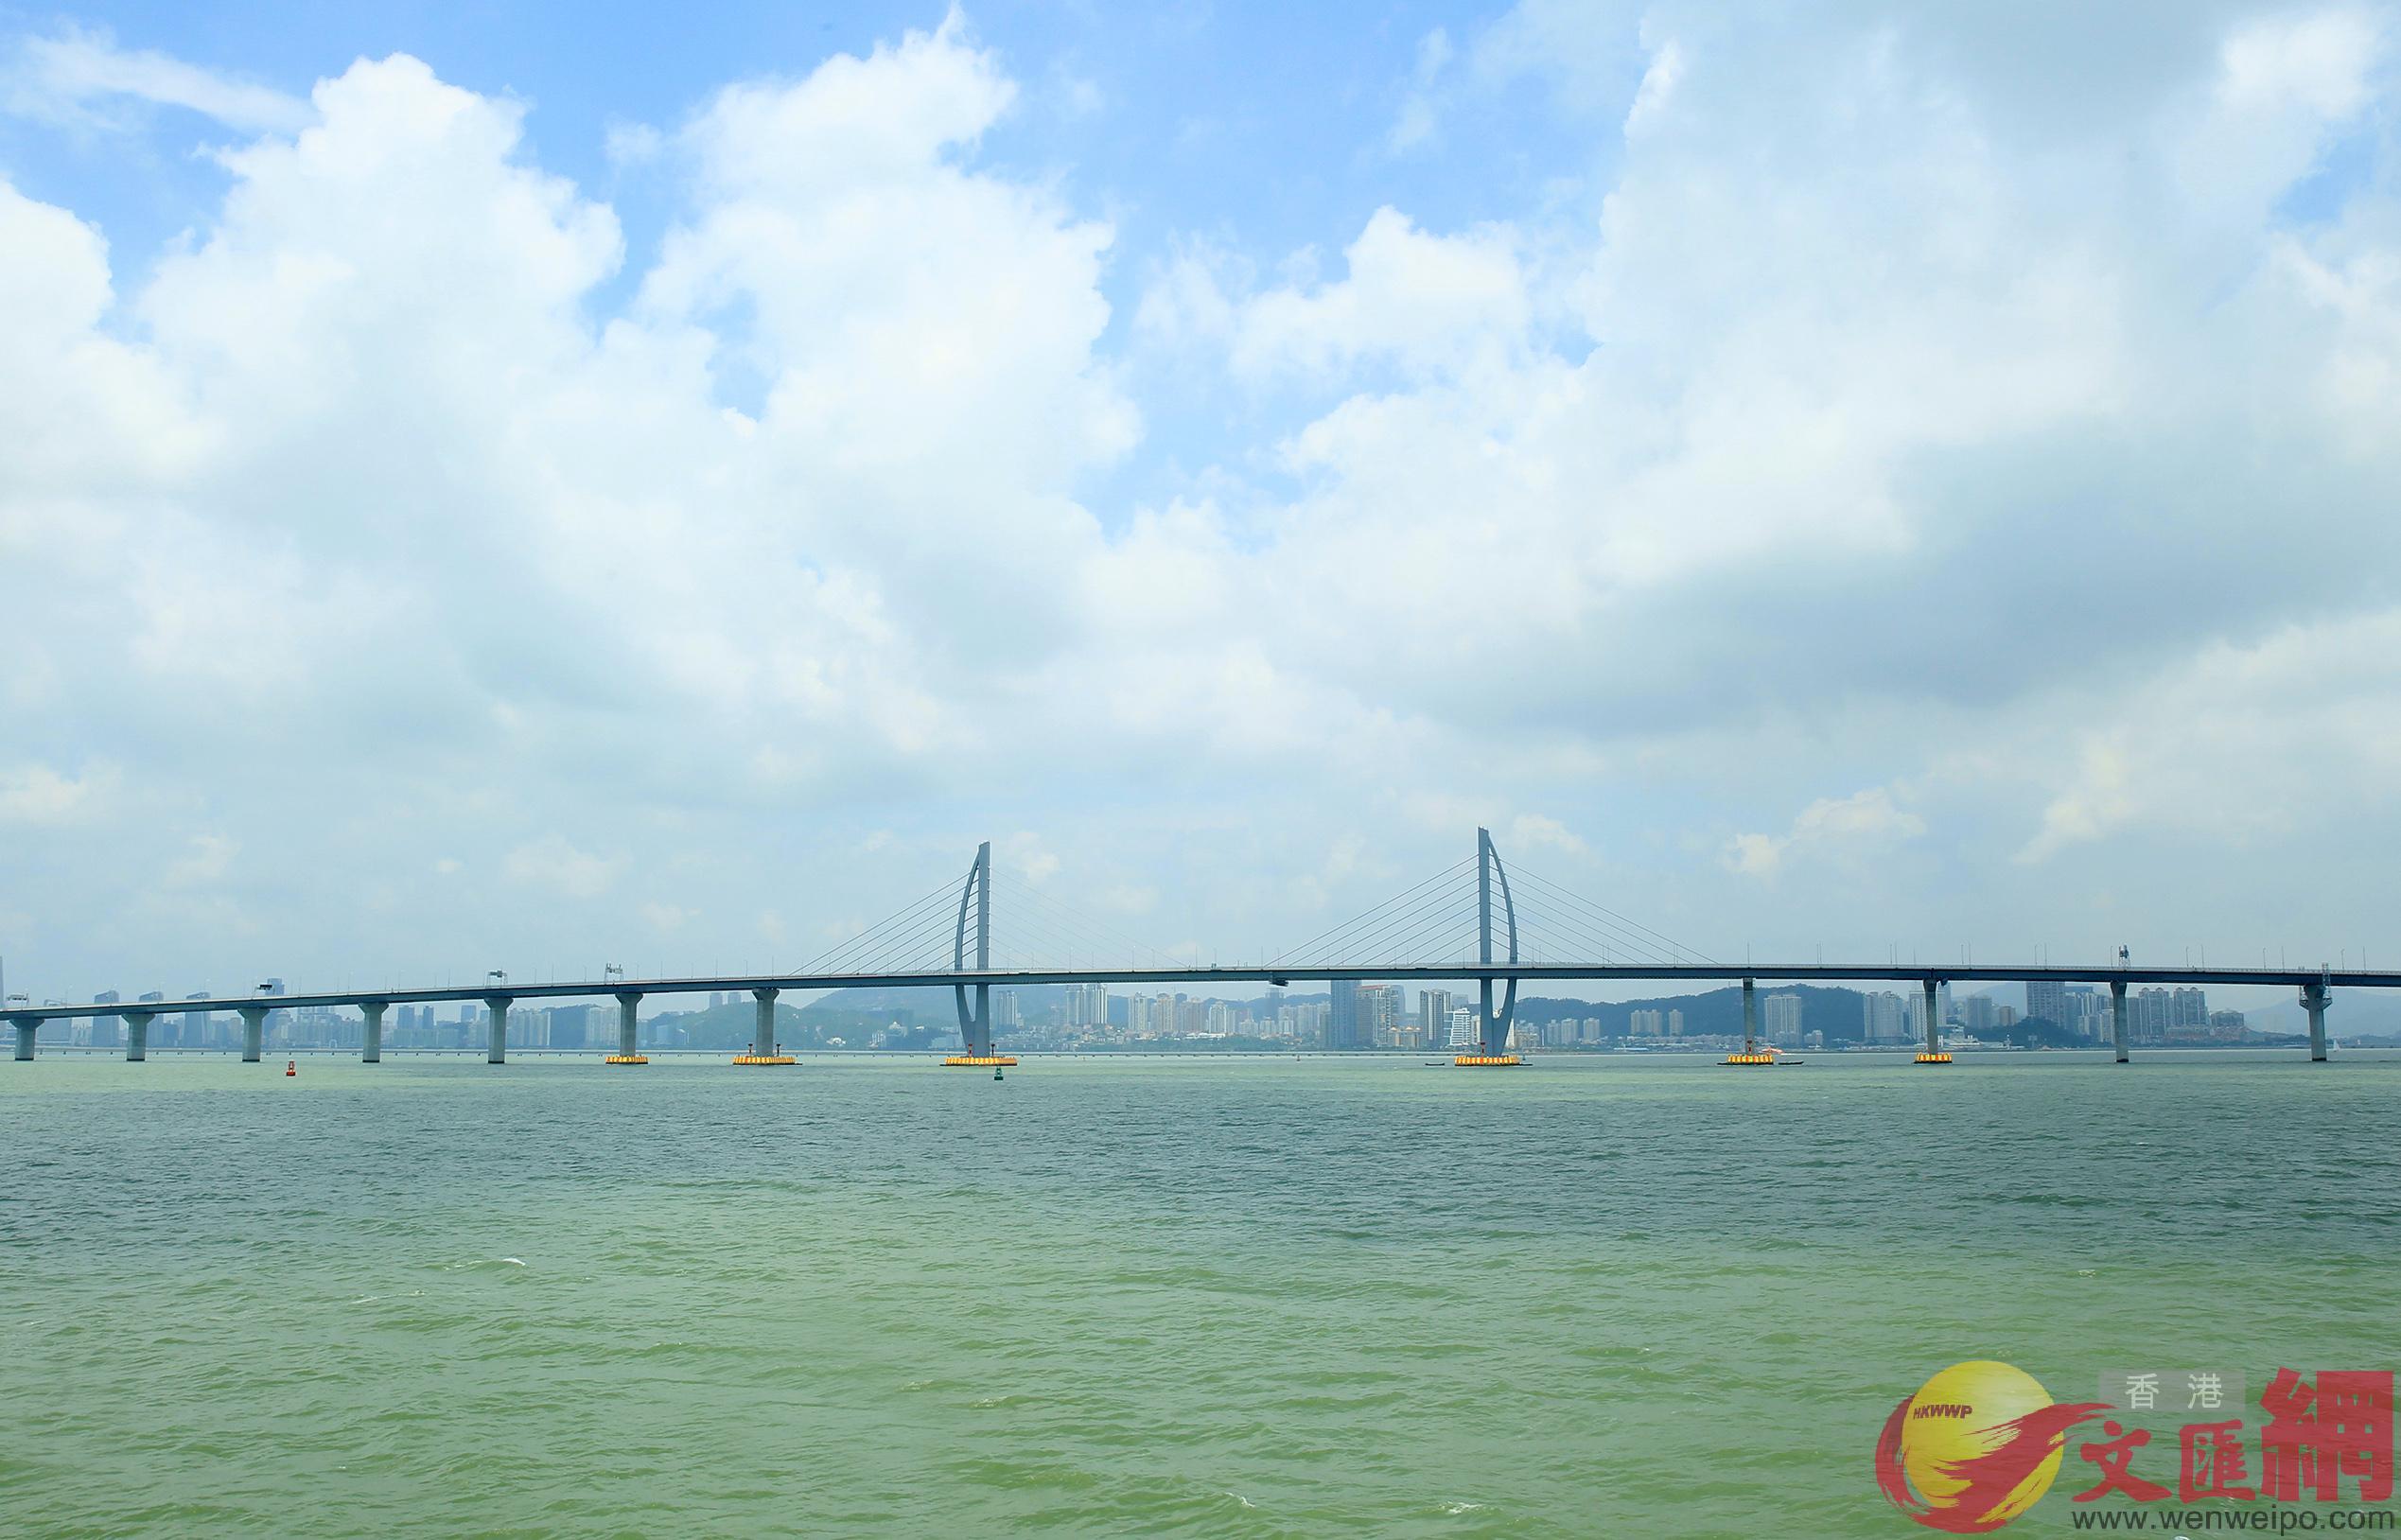 全視角欣賞「世界最長跨海大橋」帶來的震撼視覺盛宴。(記者 方俊明 攝)